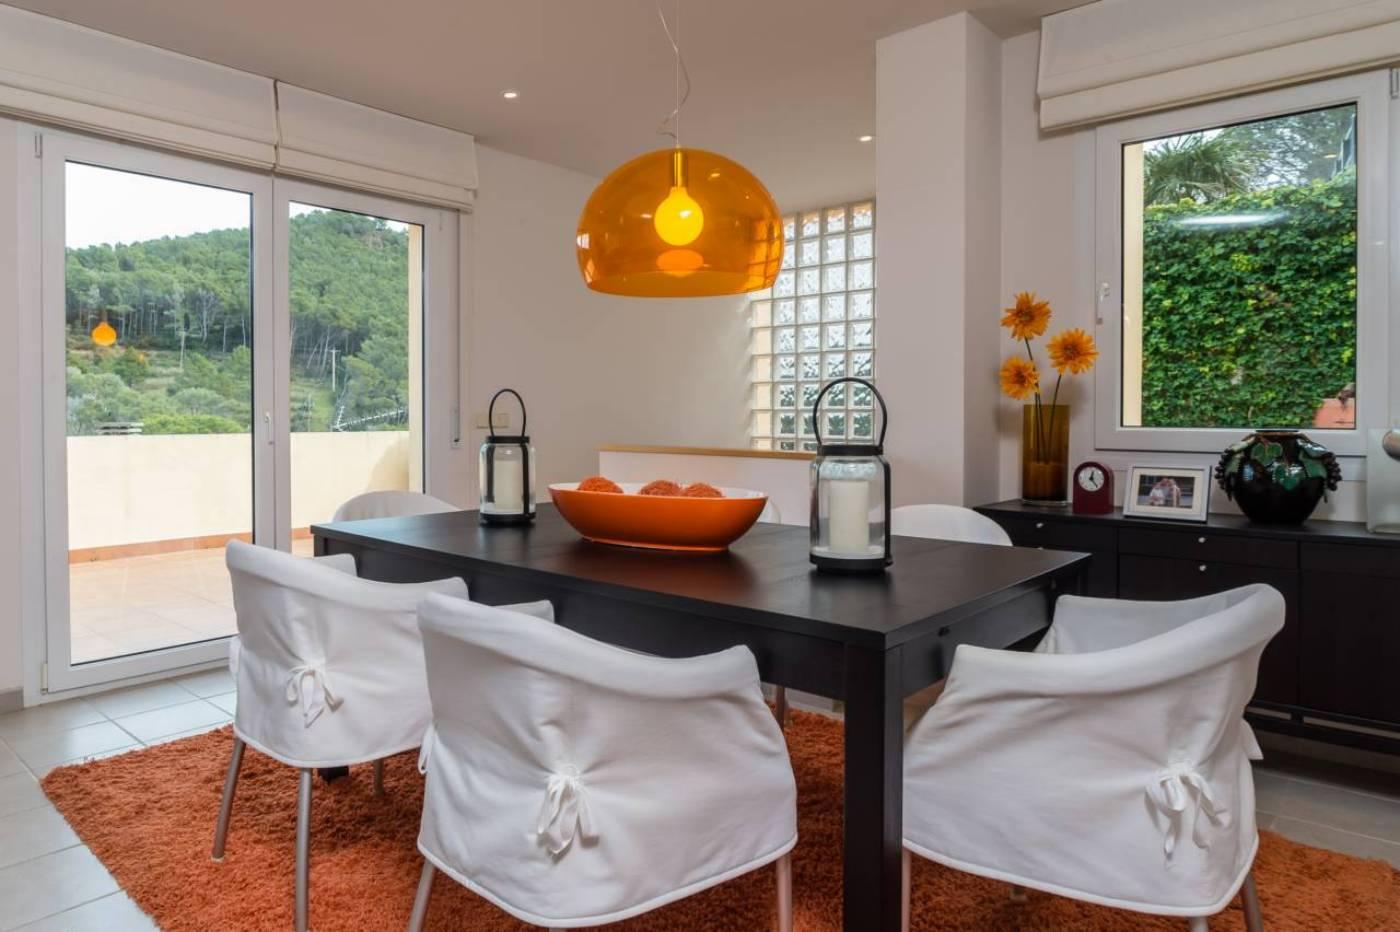 Fabriquem mobles a mida, armaris, llits, taules, cuines, banys, portes, parquets de fusta (naturals, sintètics, resistents a l'aigua…), etc.